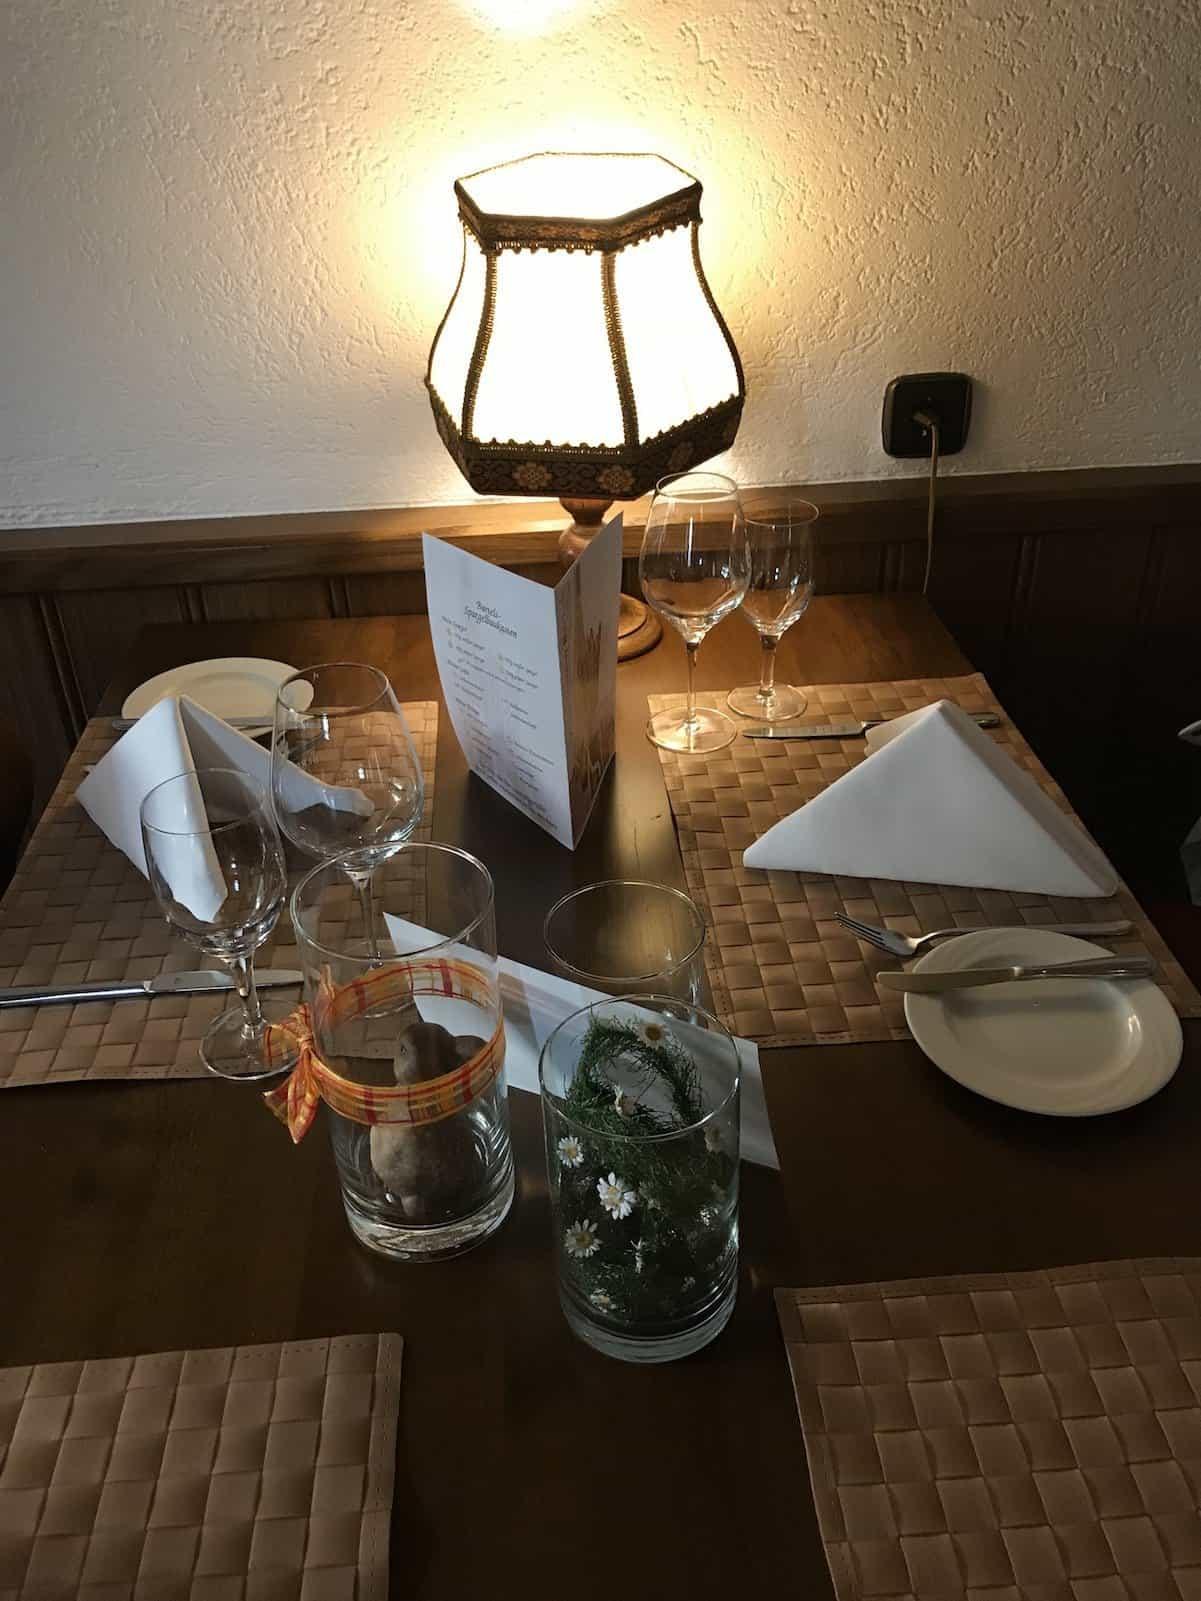 Tisch, eingedeckt für Wein